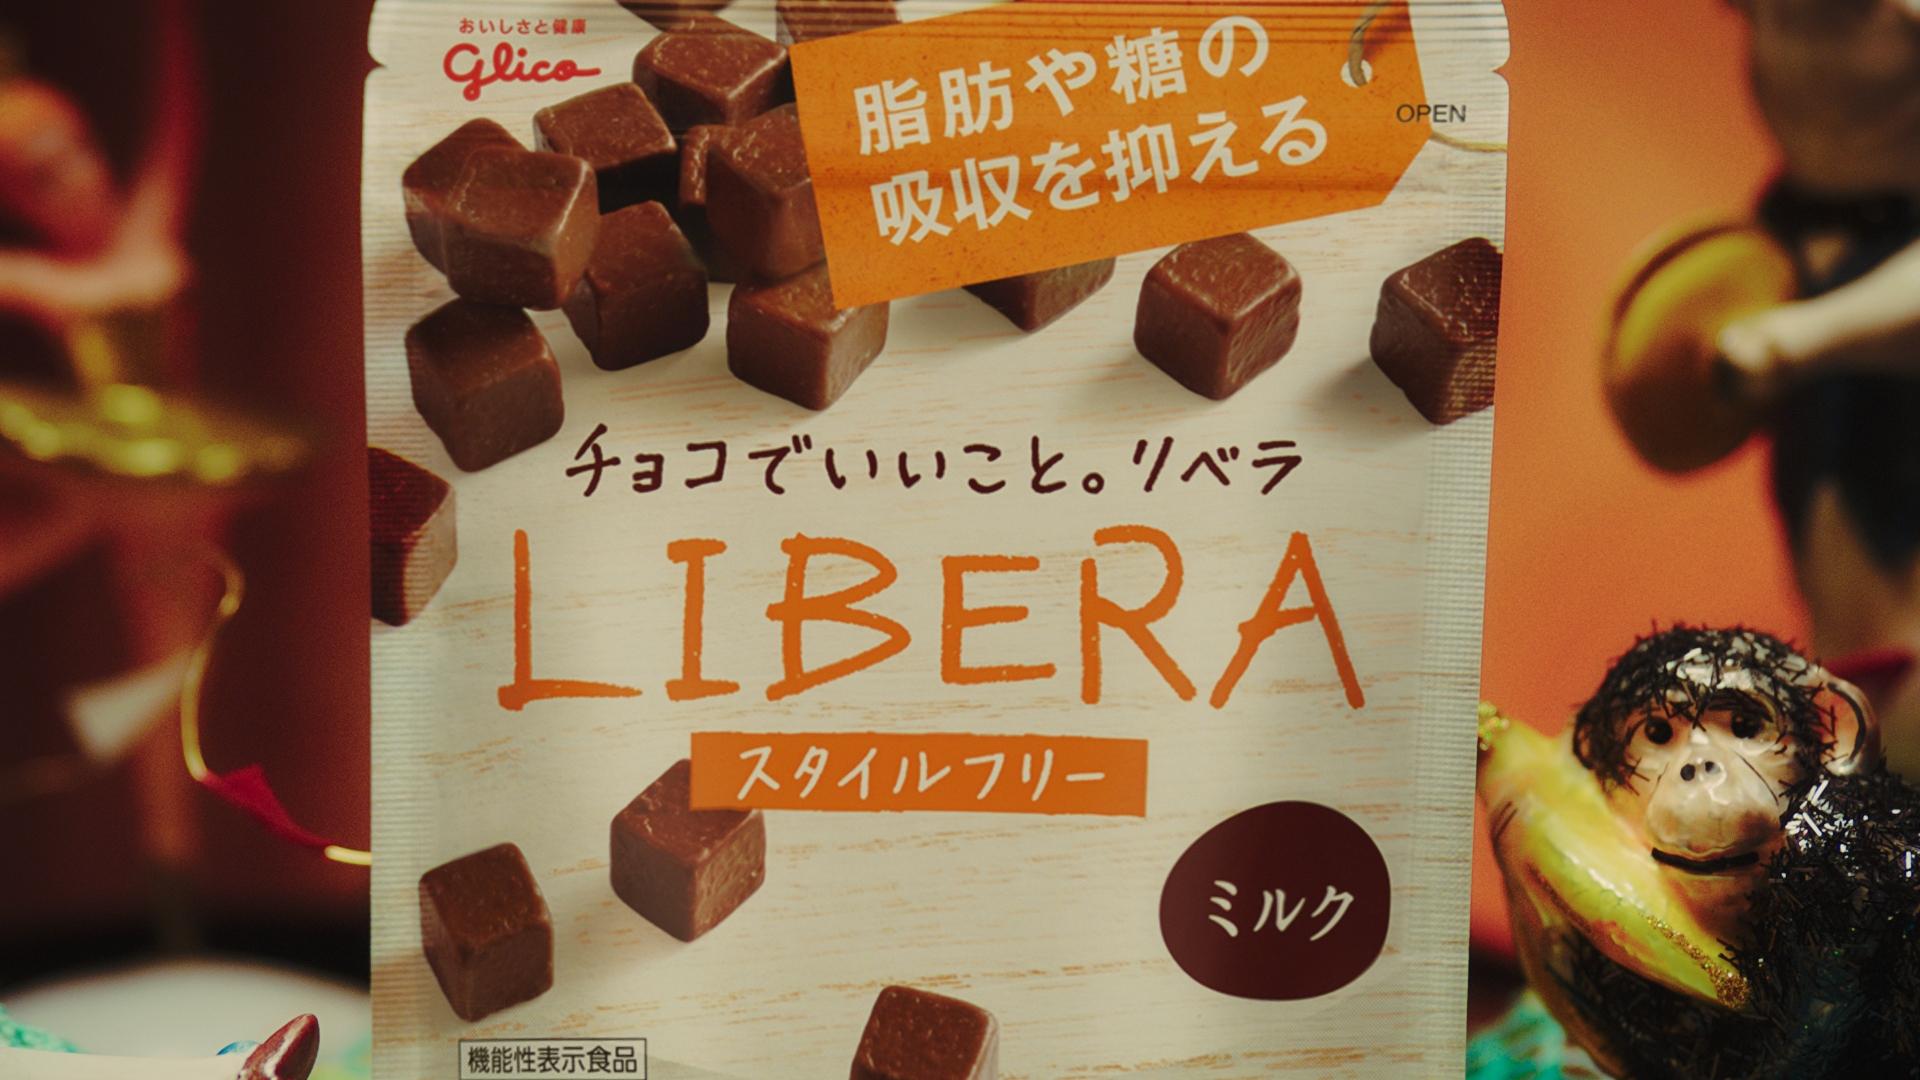 高畑充希/チョコレート「リベラ」CM・「LOVE LIBERA」篇より